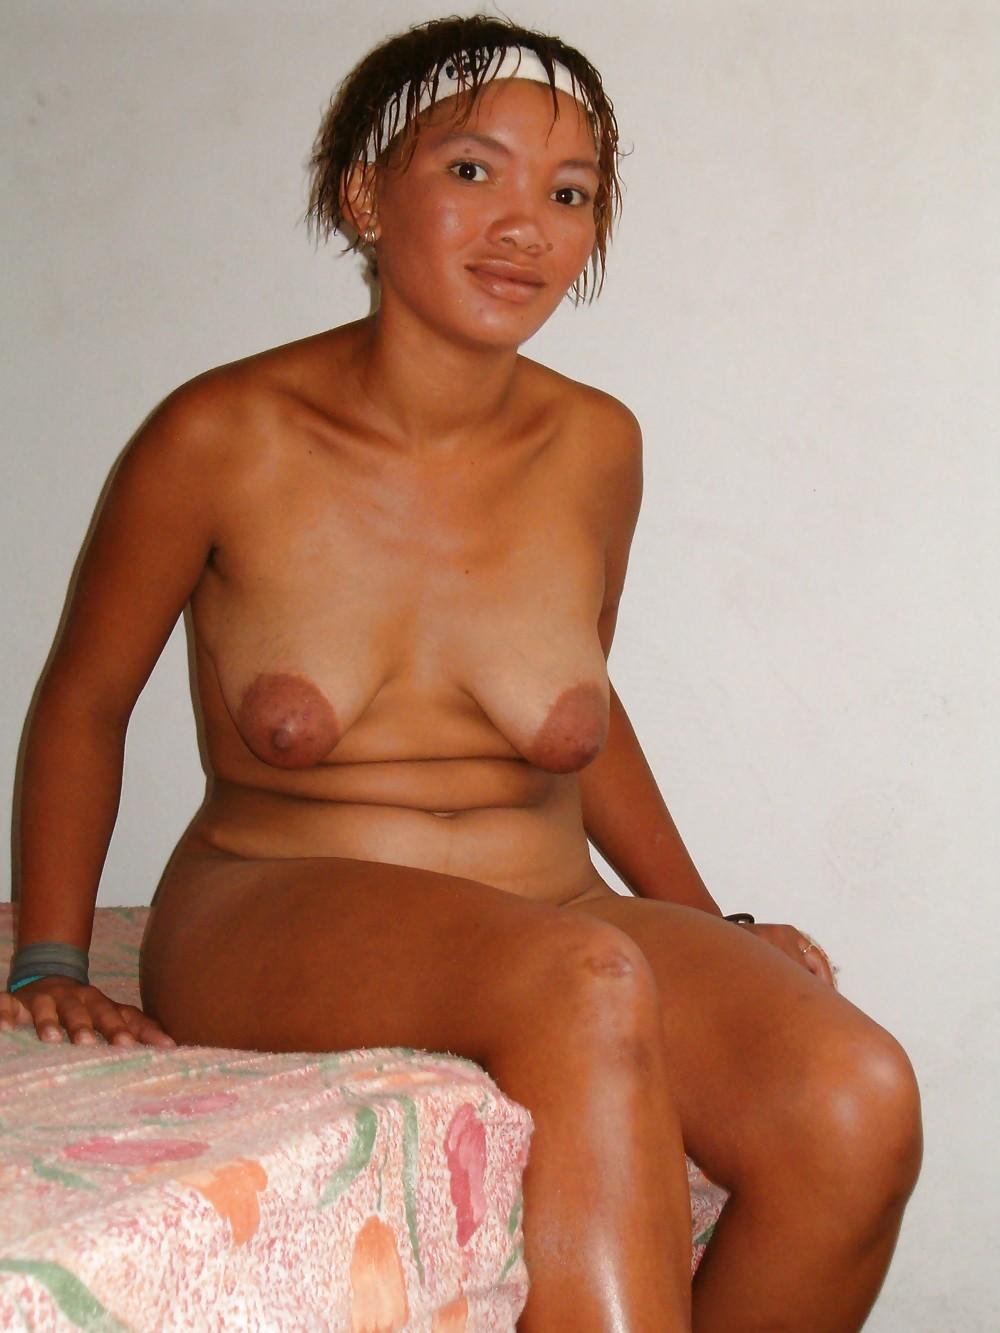 Topless Prostitute Nude Jpg